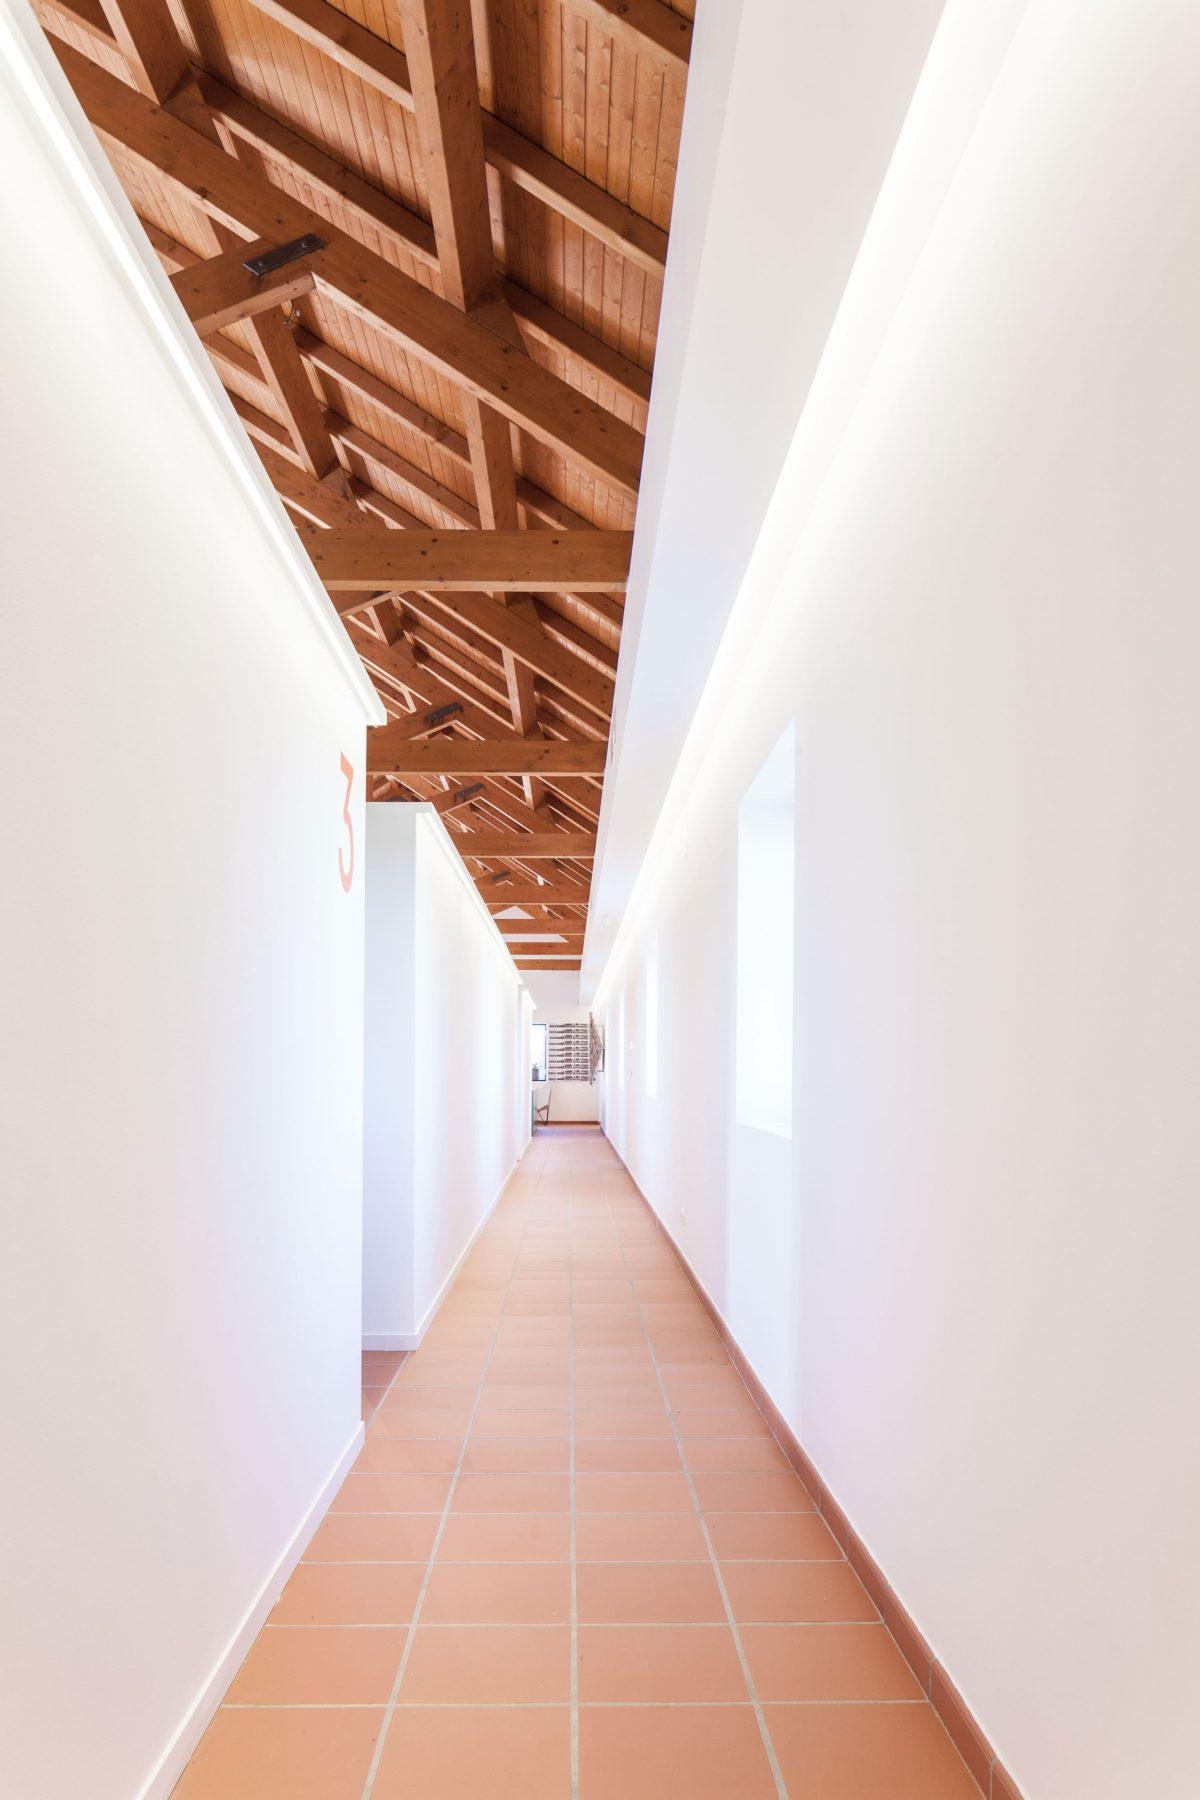 dc ad museum barroca architecture 12